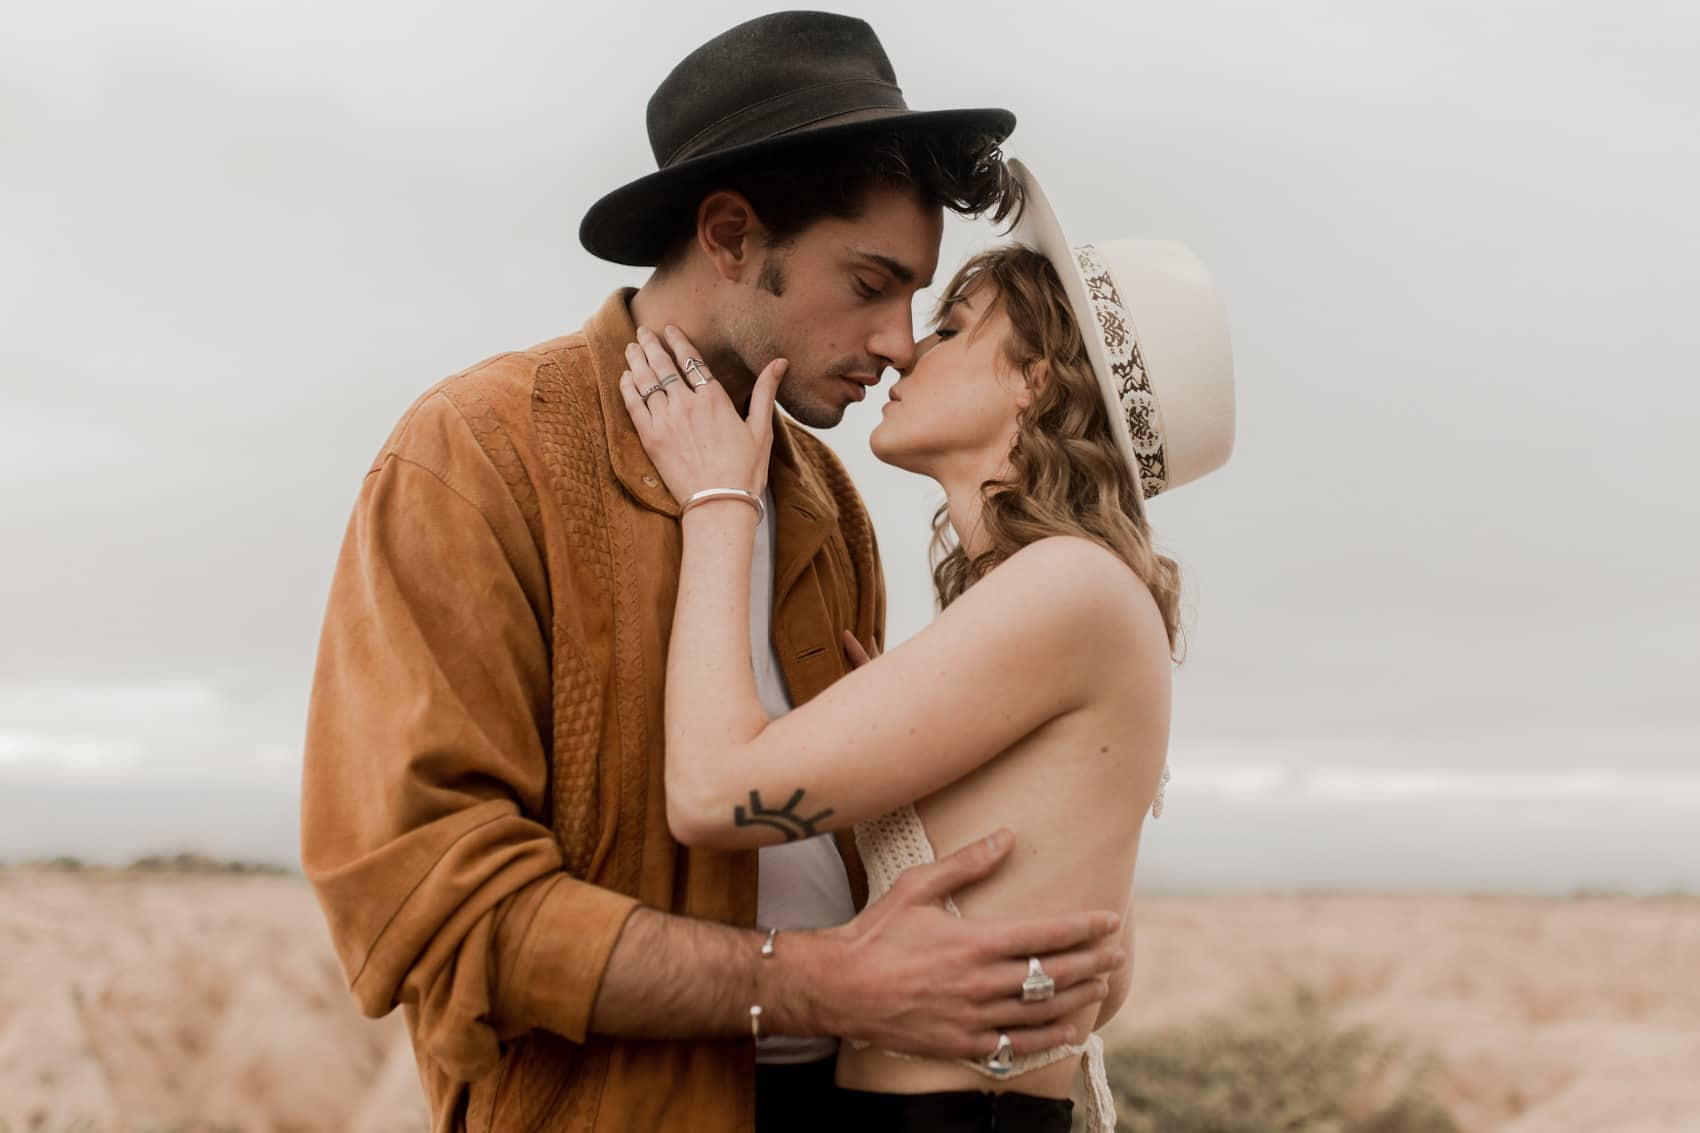 photographe vidéaste de mariage normandie bretagne